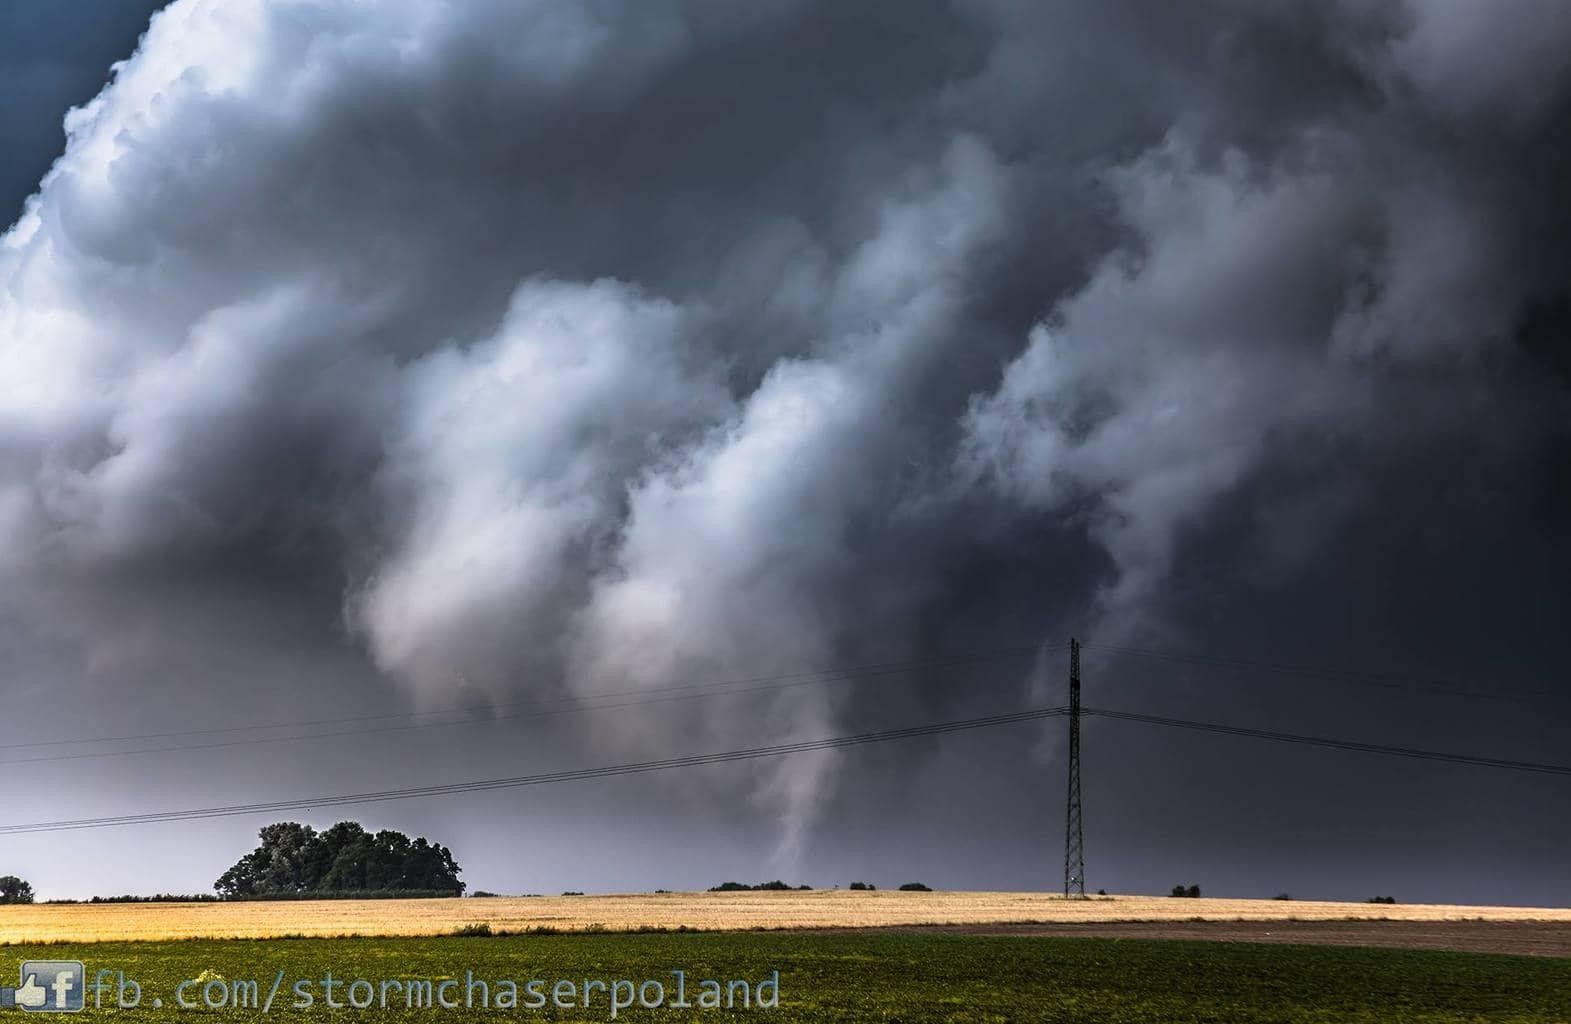 Poland 25/07/2015